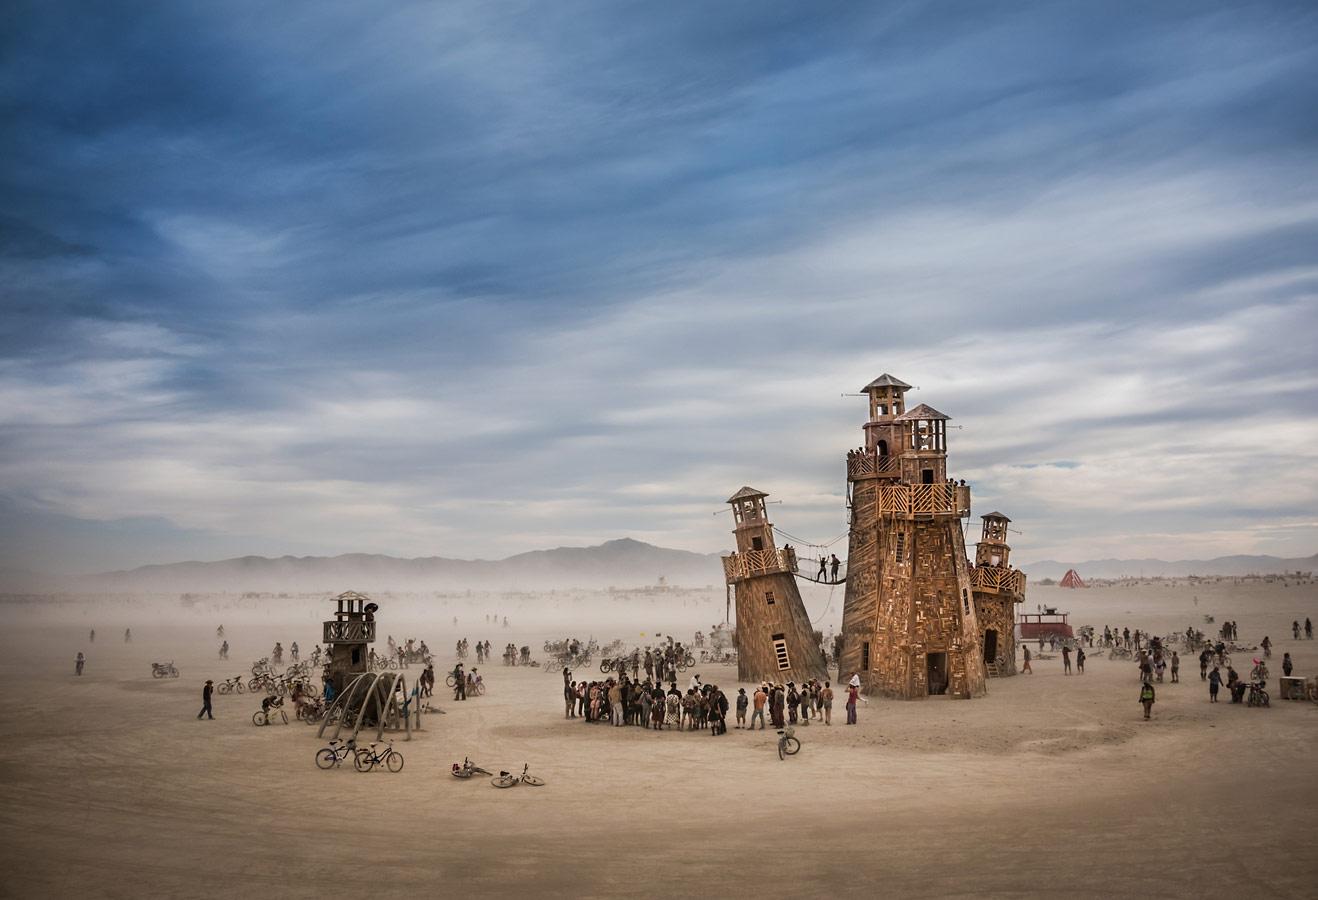 Маяки и приближающаяся пыльная буря, © Том Шталь, Сан-Франциско, США, Финалист категории «Настроение места», любитель, Фотоконкурс экстремальных путешествий «Мир в фокусе» — World In Focus